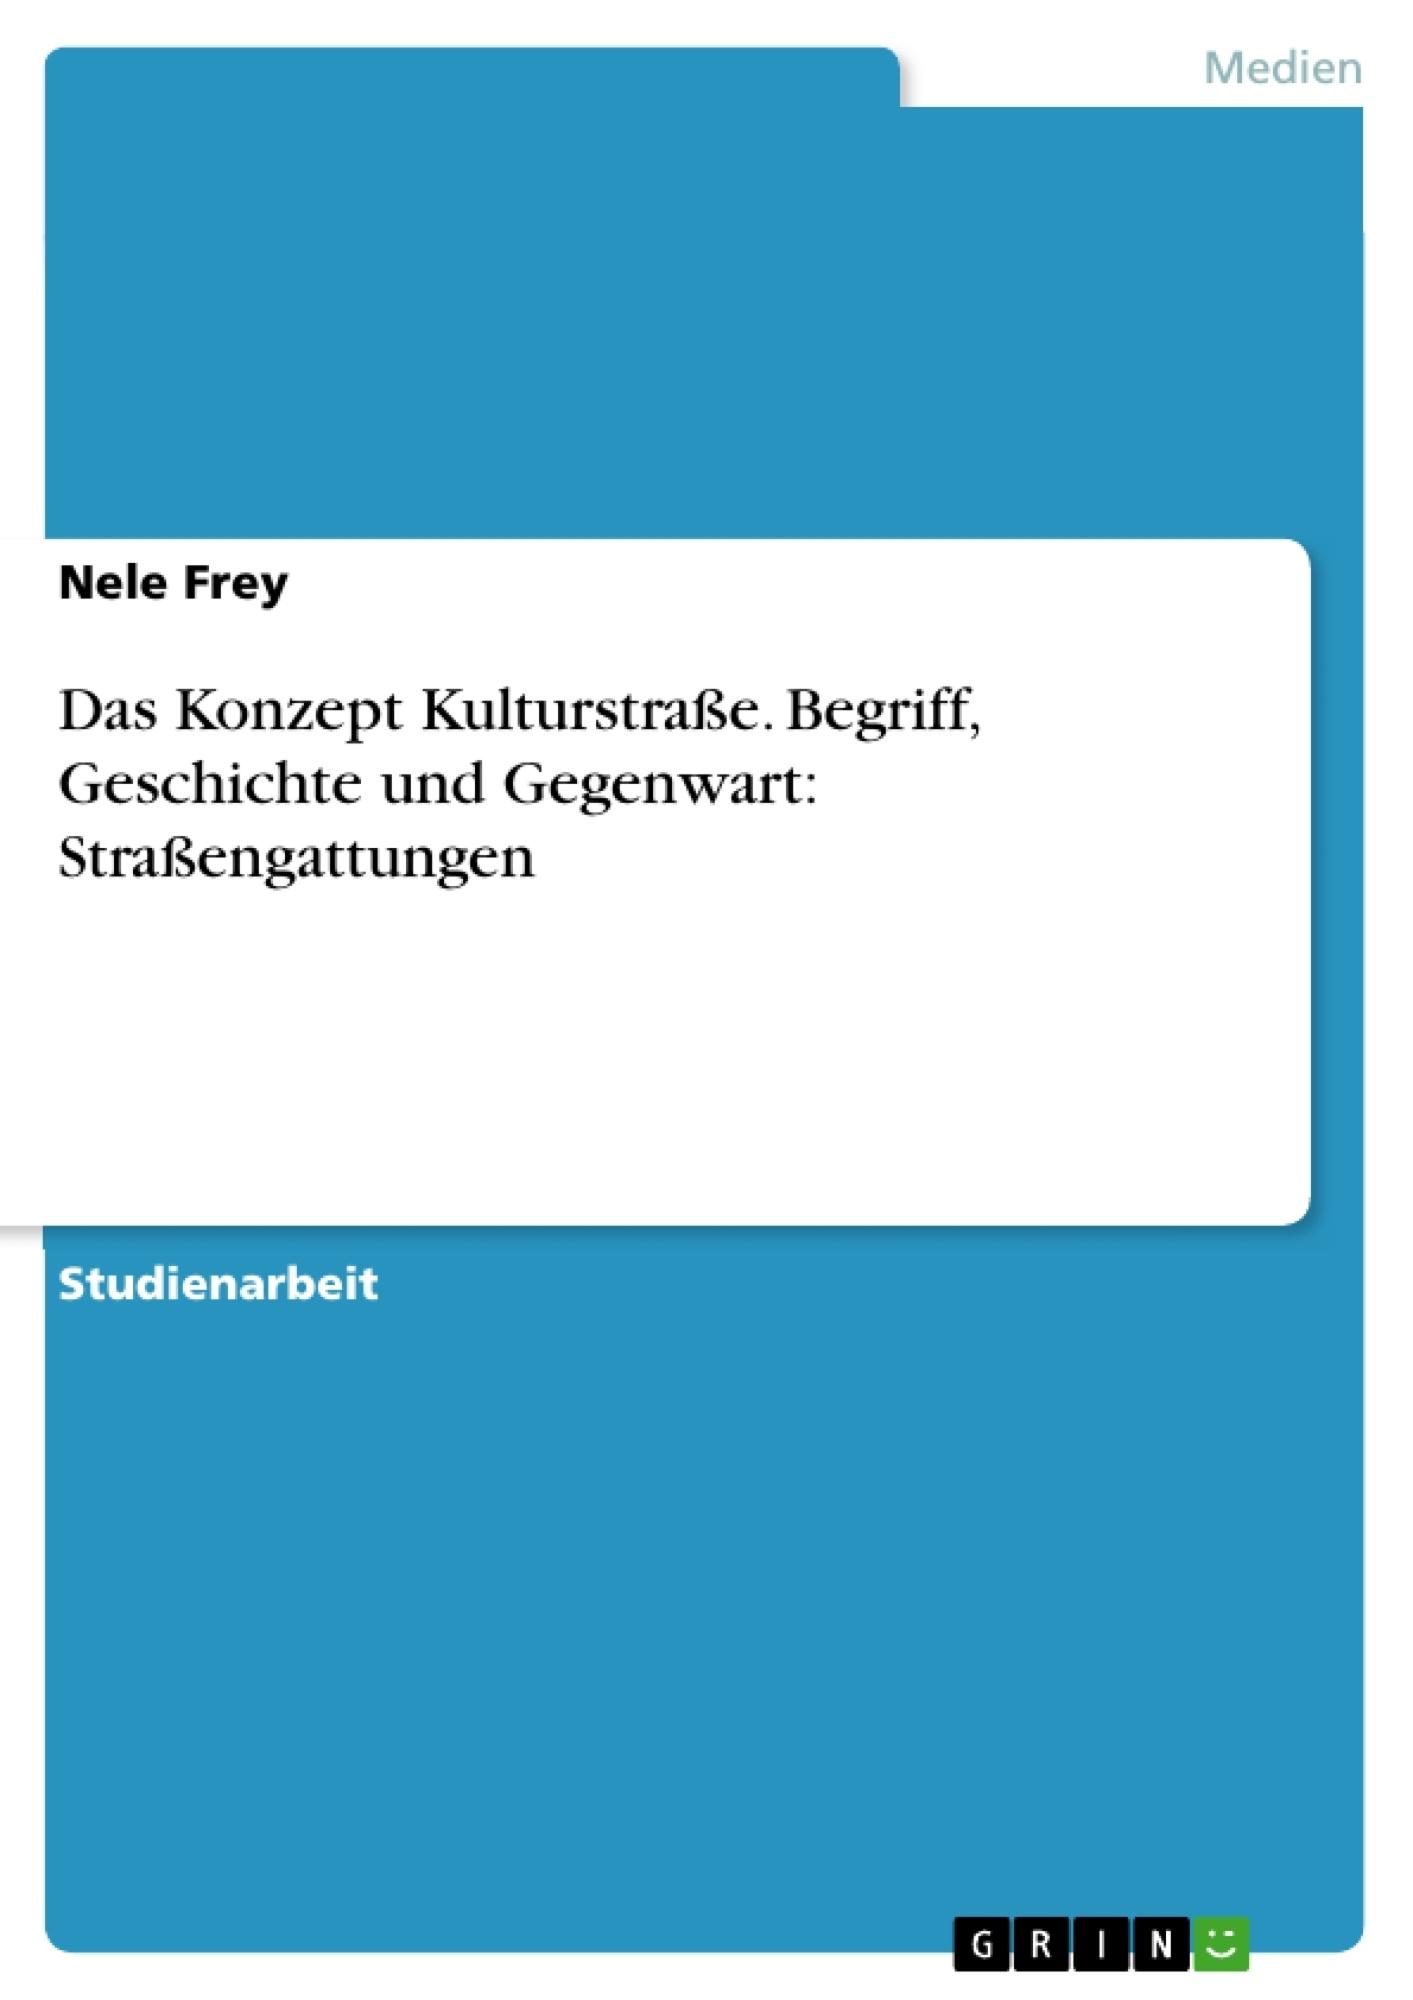 Titel: Das Konzept Kulturstraße. Begriff, Geschichte und Gegenwart: Straßengattungen